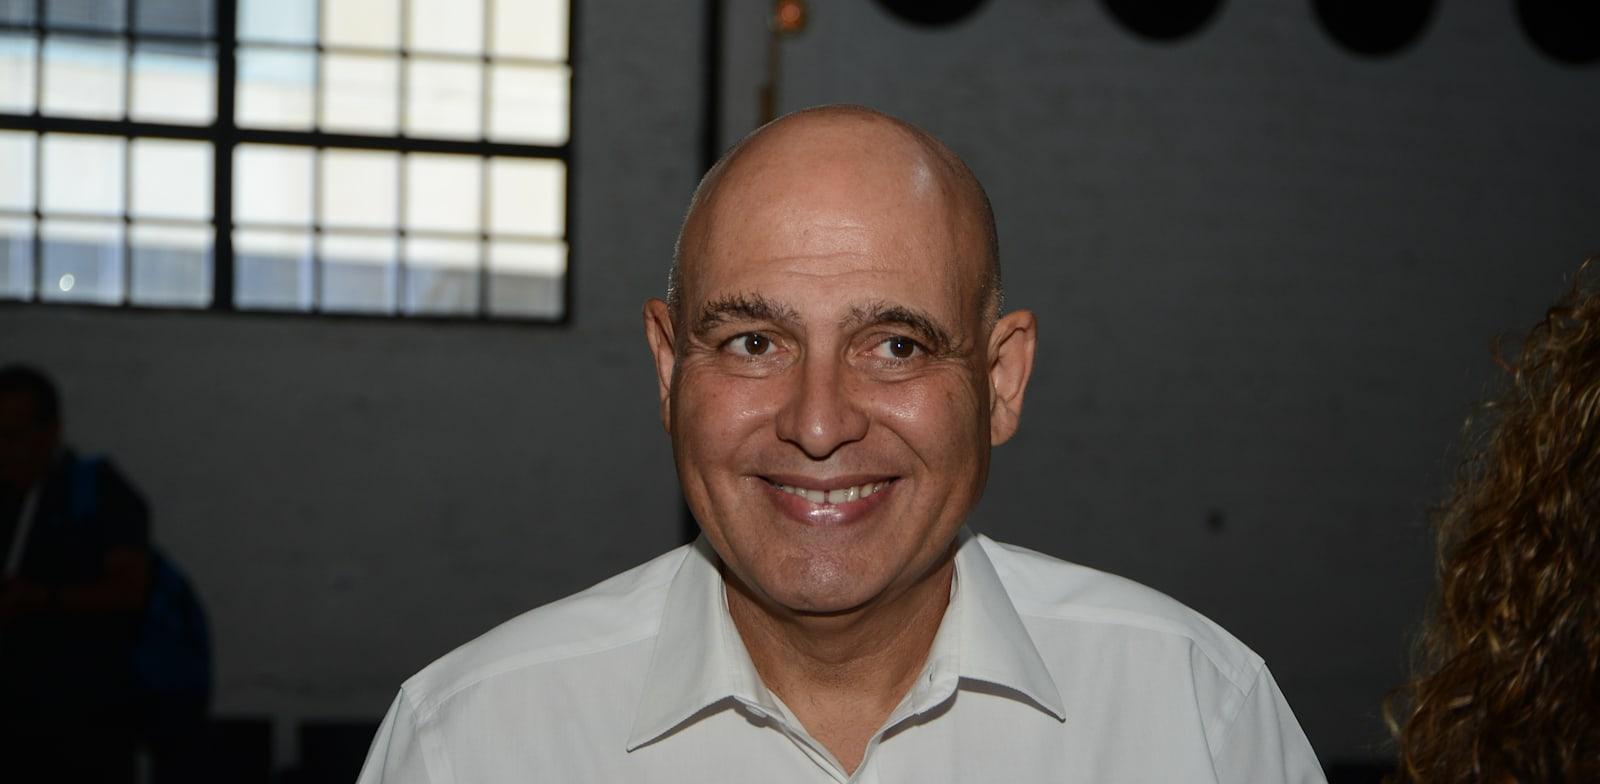 דוד פתאל, בעל השליטה ברשת מלונות פתאל / צילום: איל יצהר